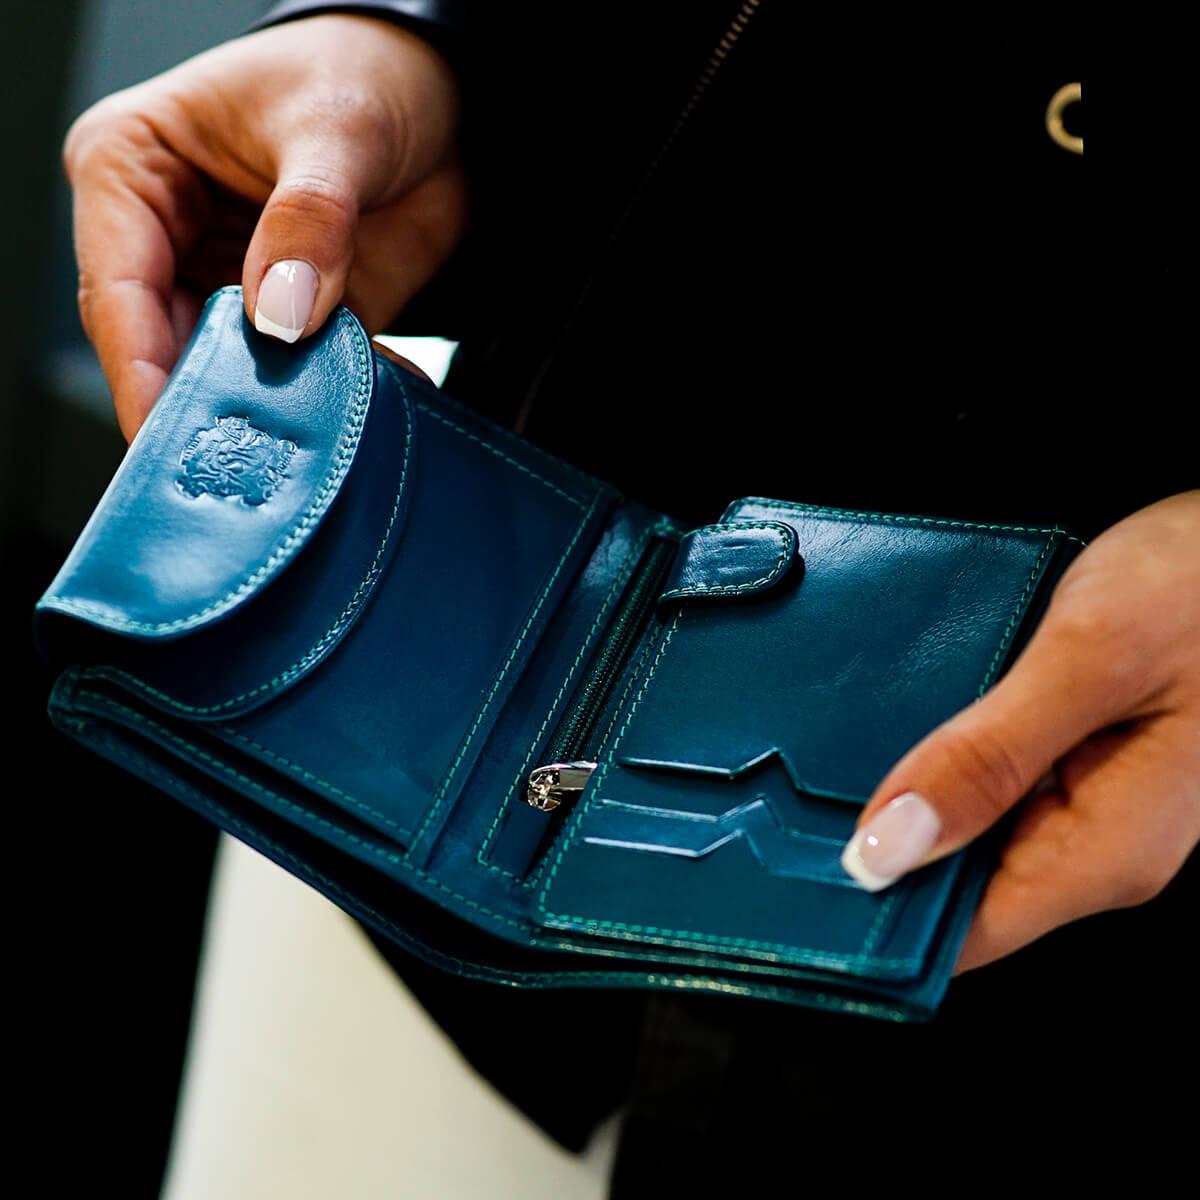 e45a6c5f6fc58 małe portfele damskie modne portfele damskie portfele młodzieżowe ...